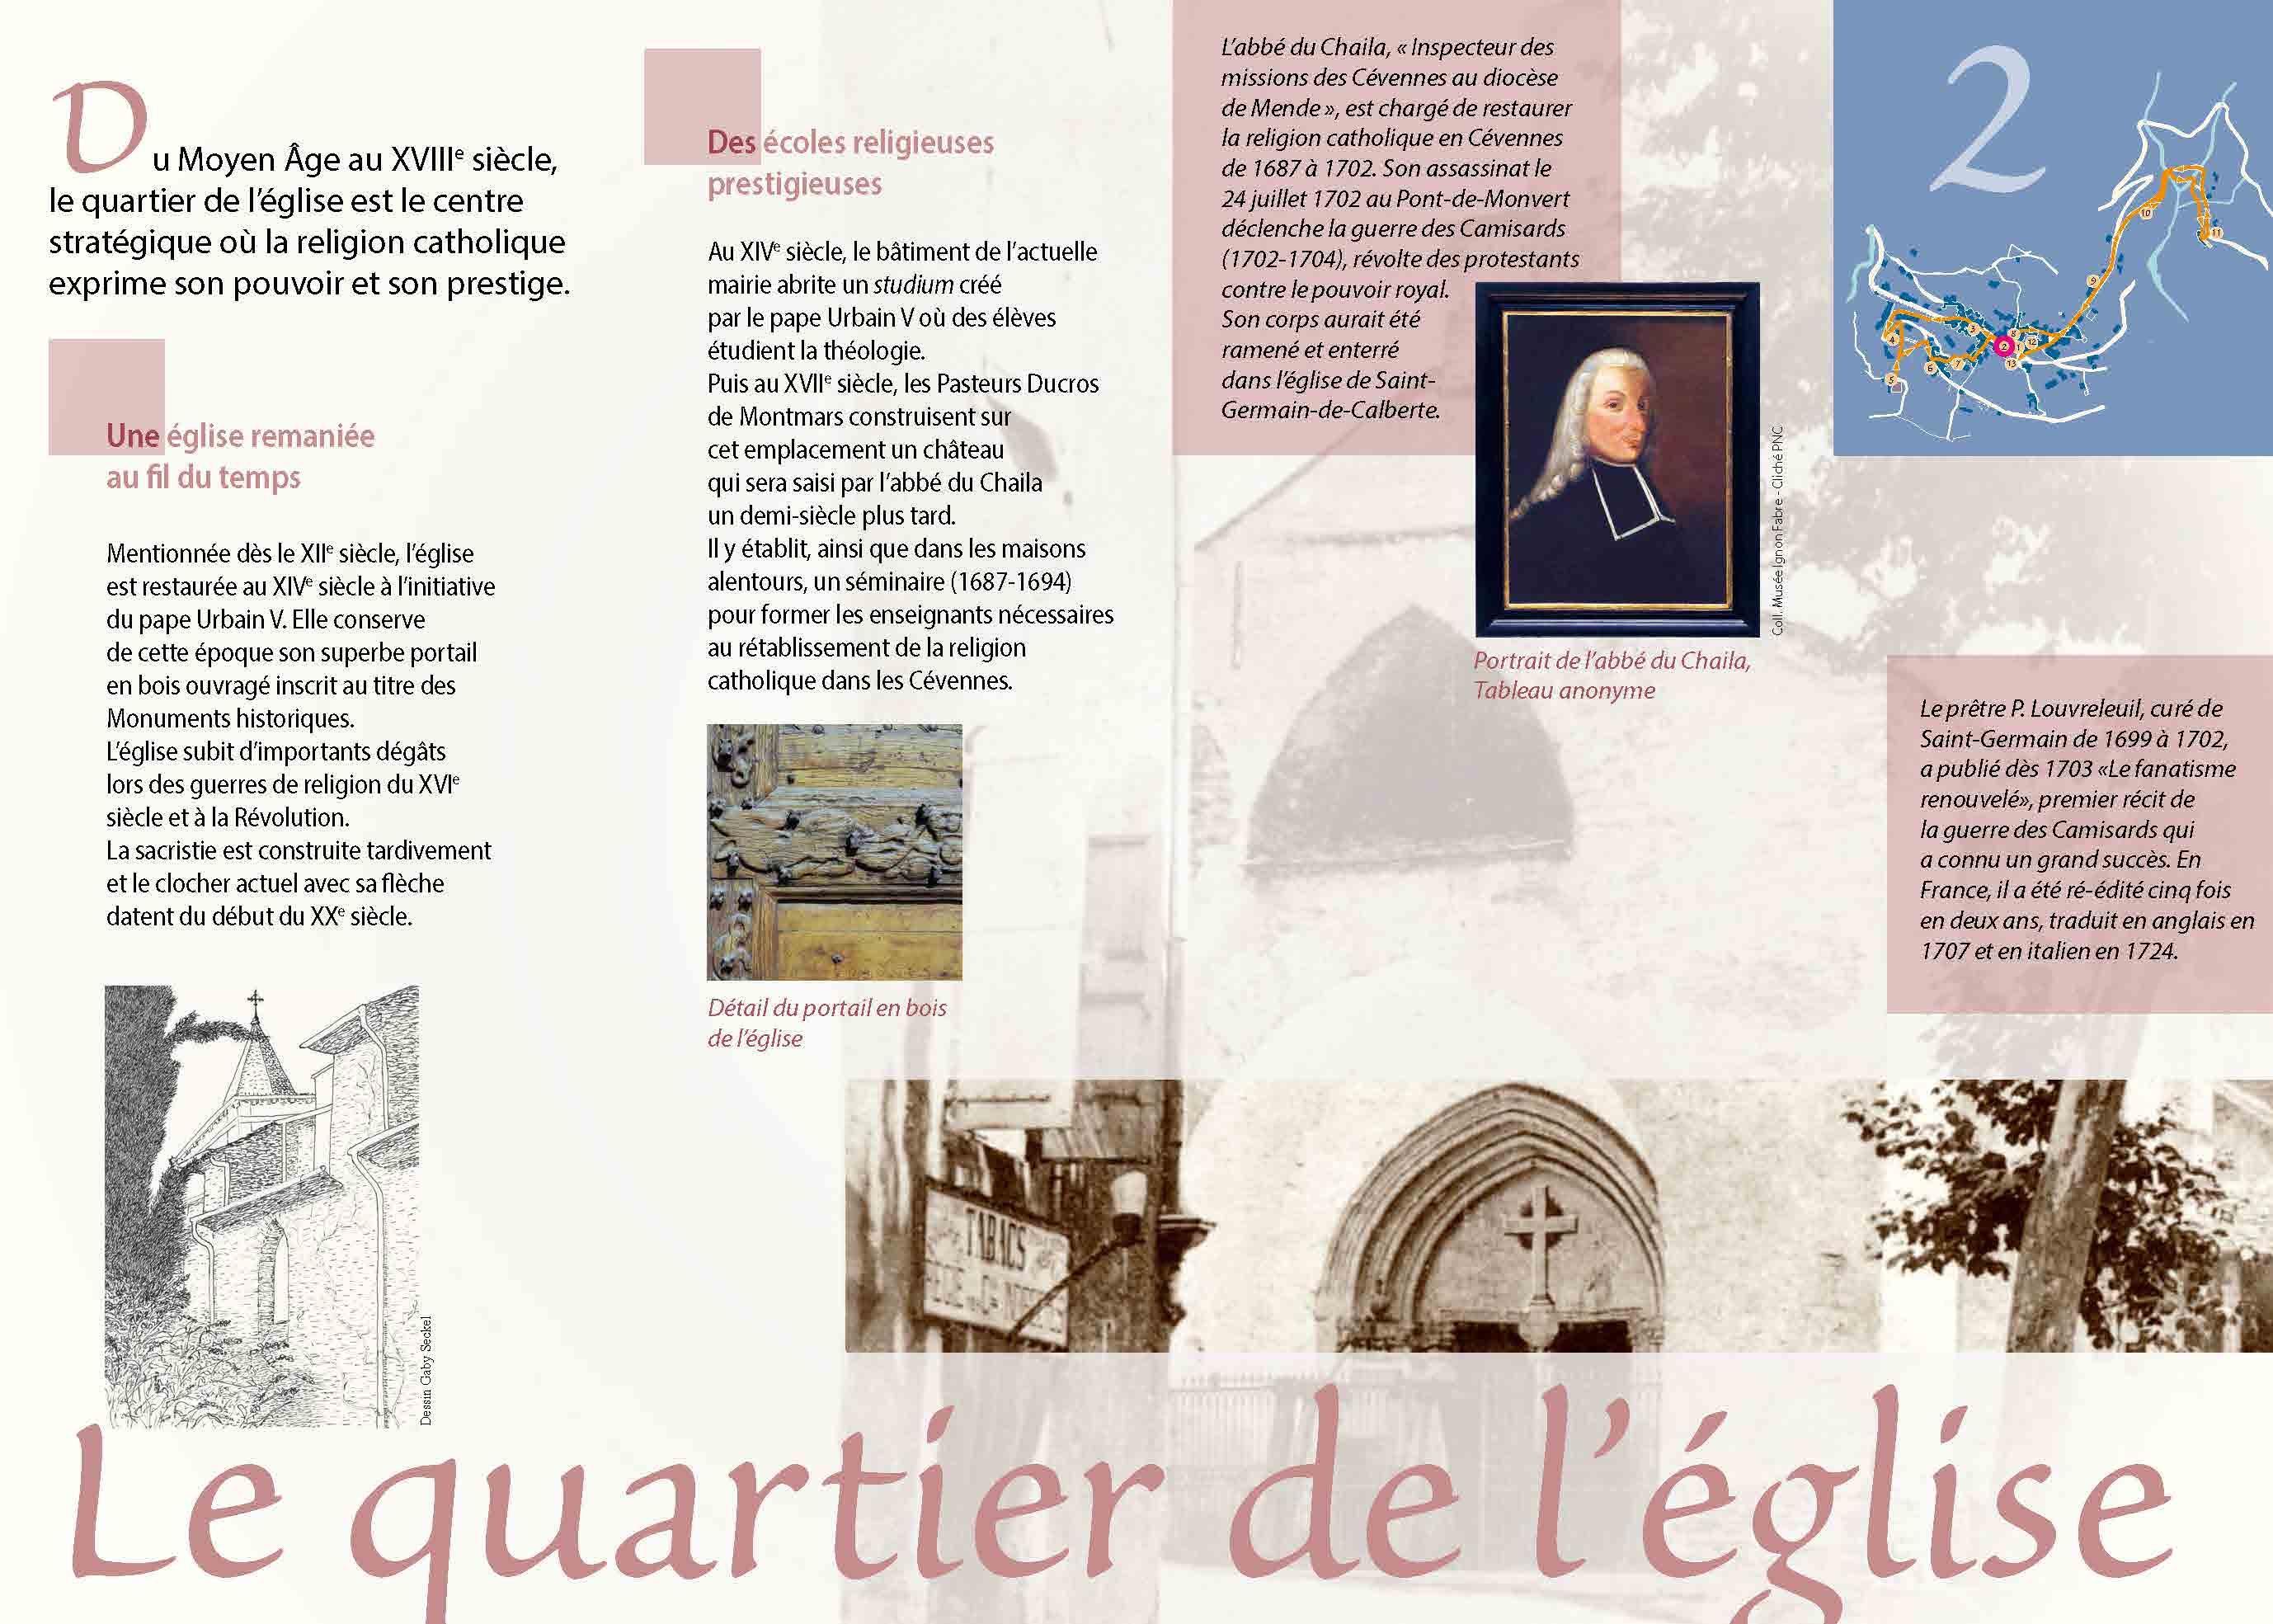 Quartier de l'église de Saint-Germain-de-Calberte